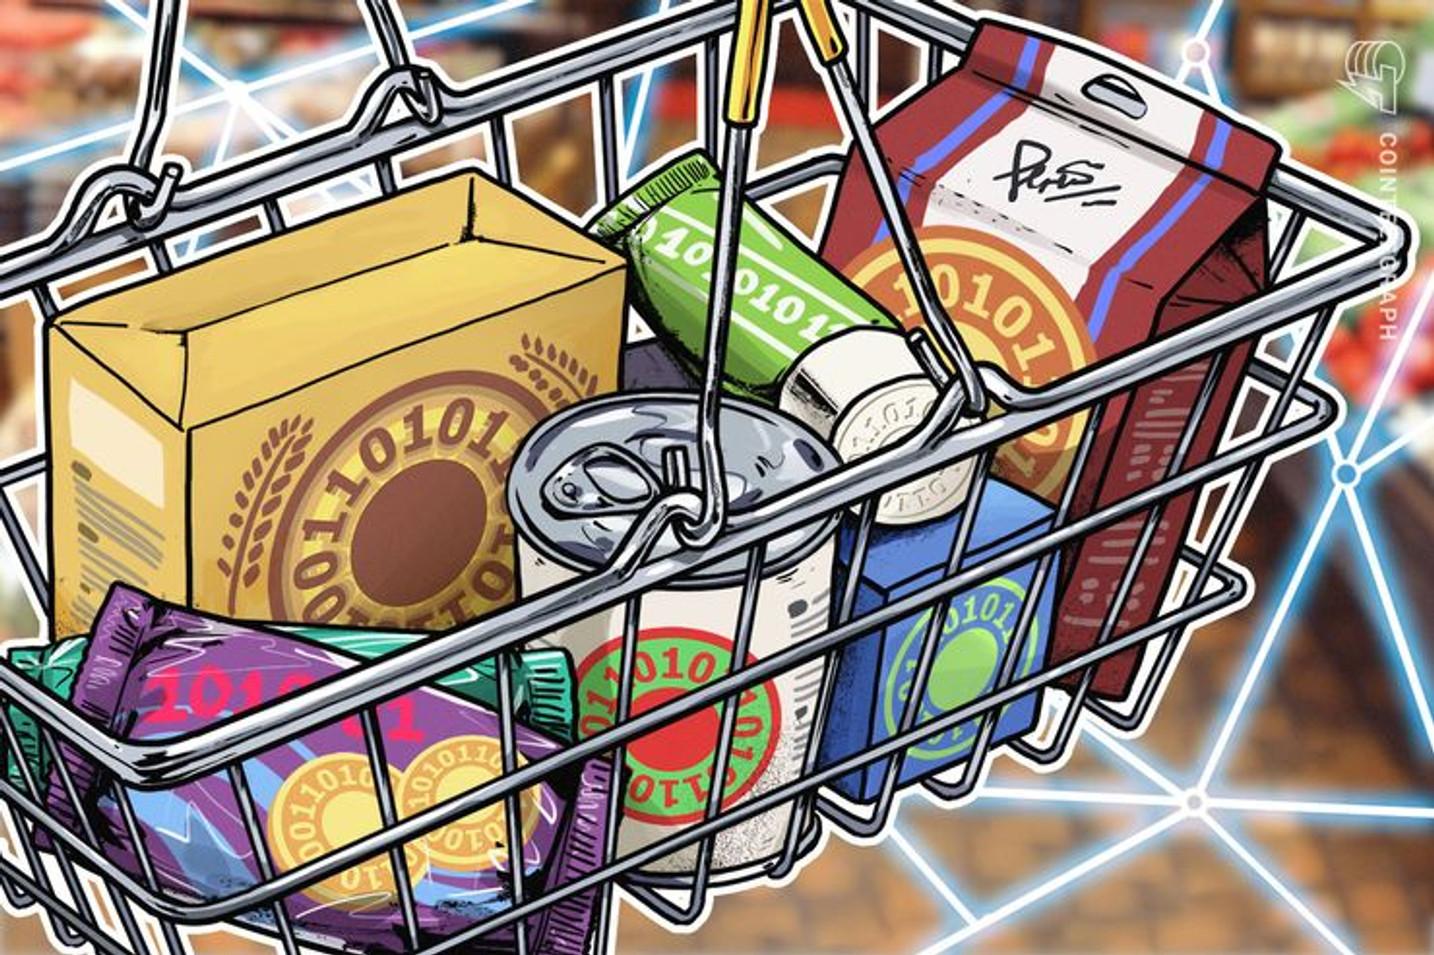 España: Promueven el uso de tecnología blockchain en agroalimentación, en la zona de Castilla y León